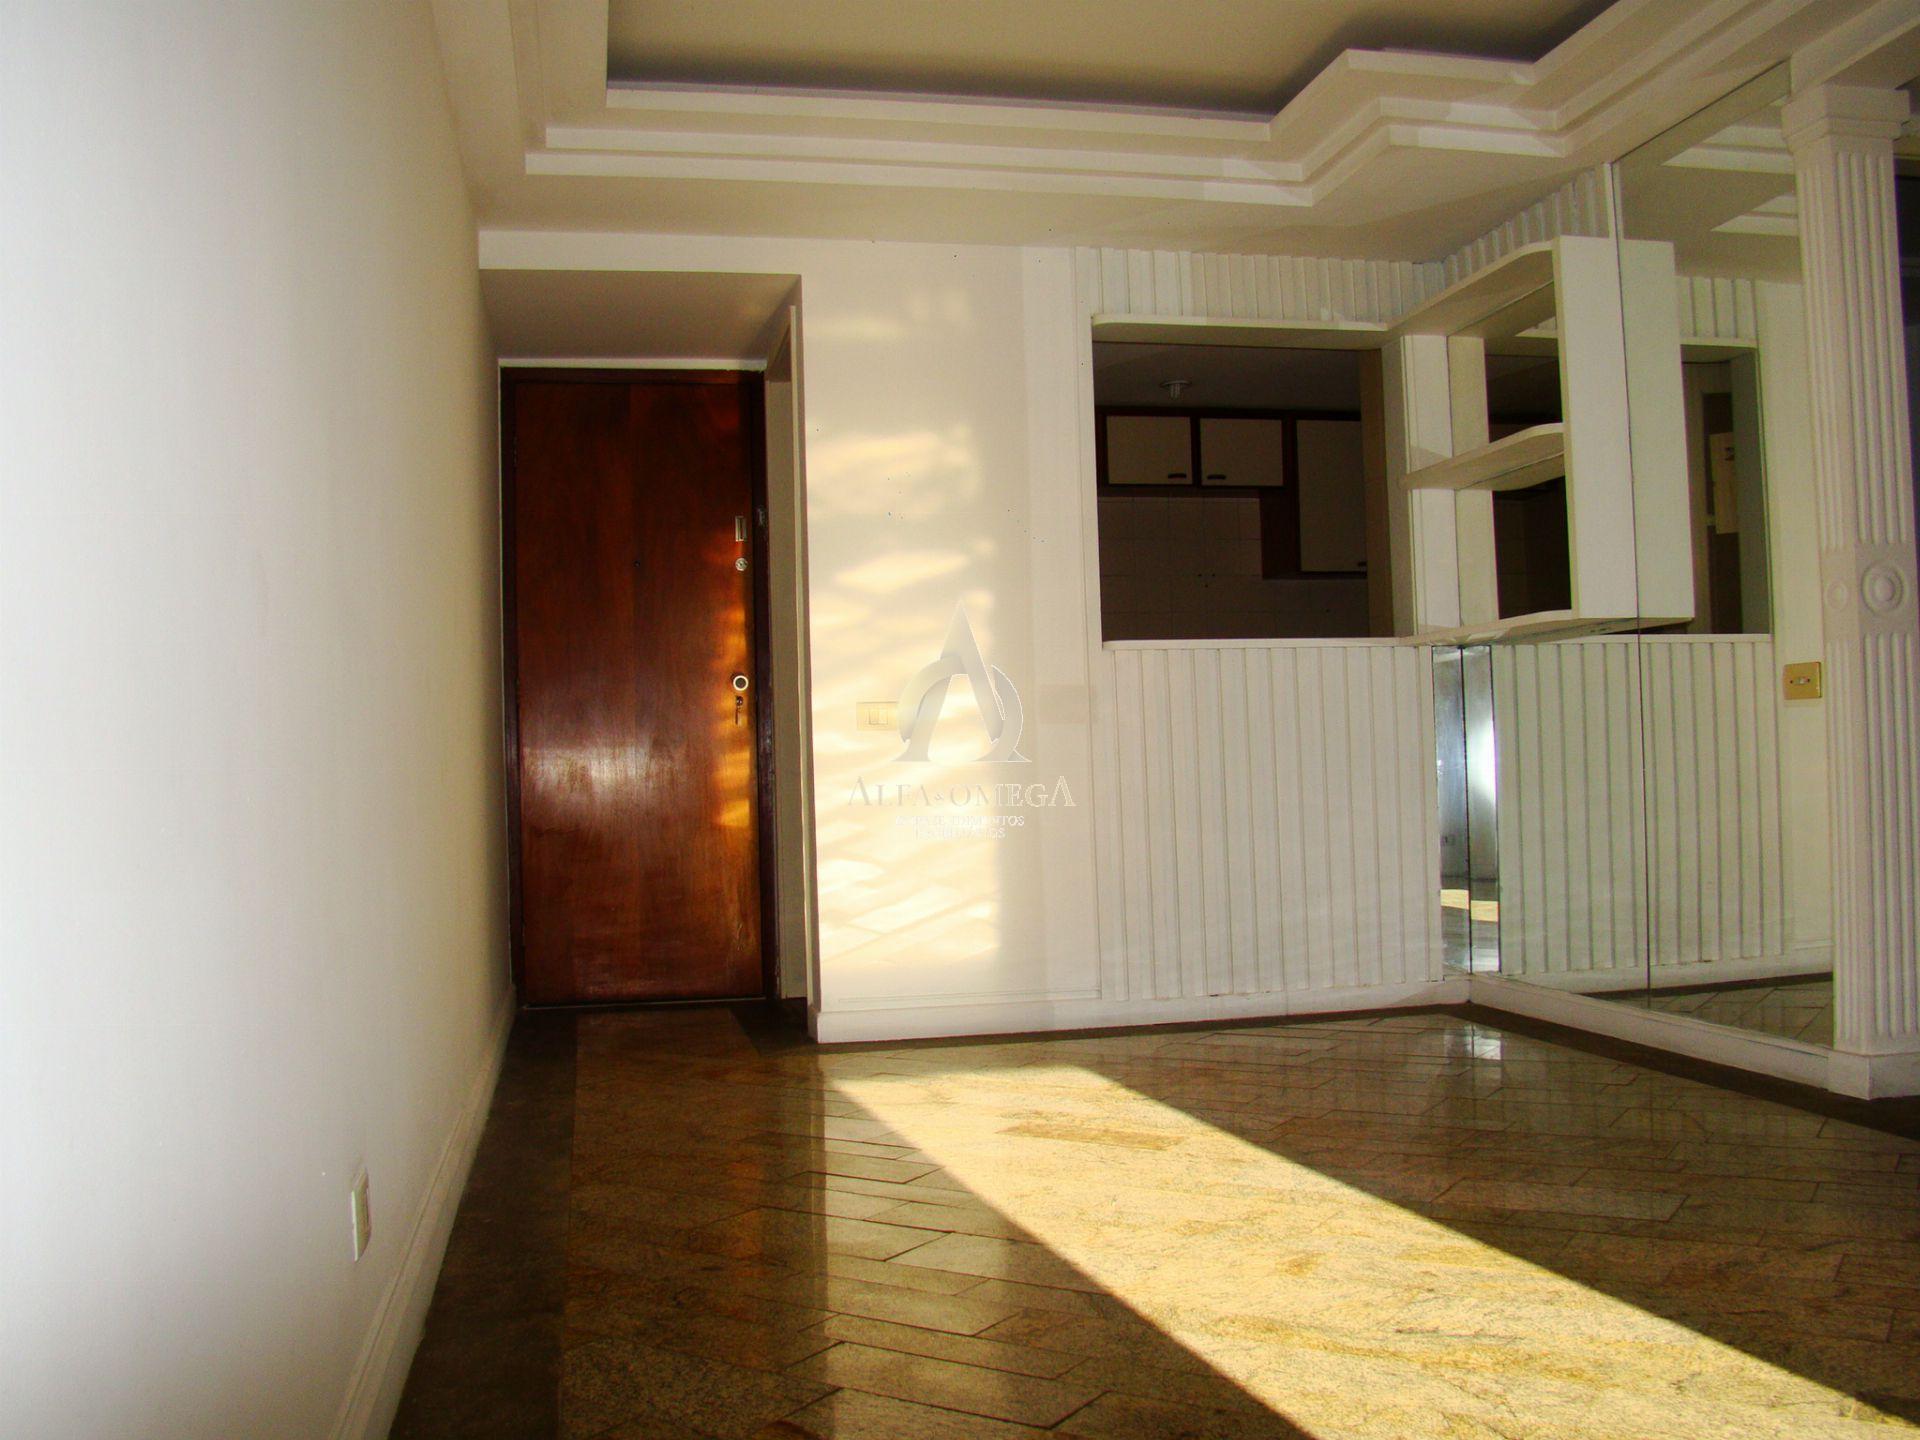 FOTO 5 - Apartamento 2 quartos à venda Barra da Tijuca, Rio de Janeiro - R$ 650.000 - AO20411 - 7